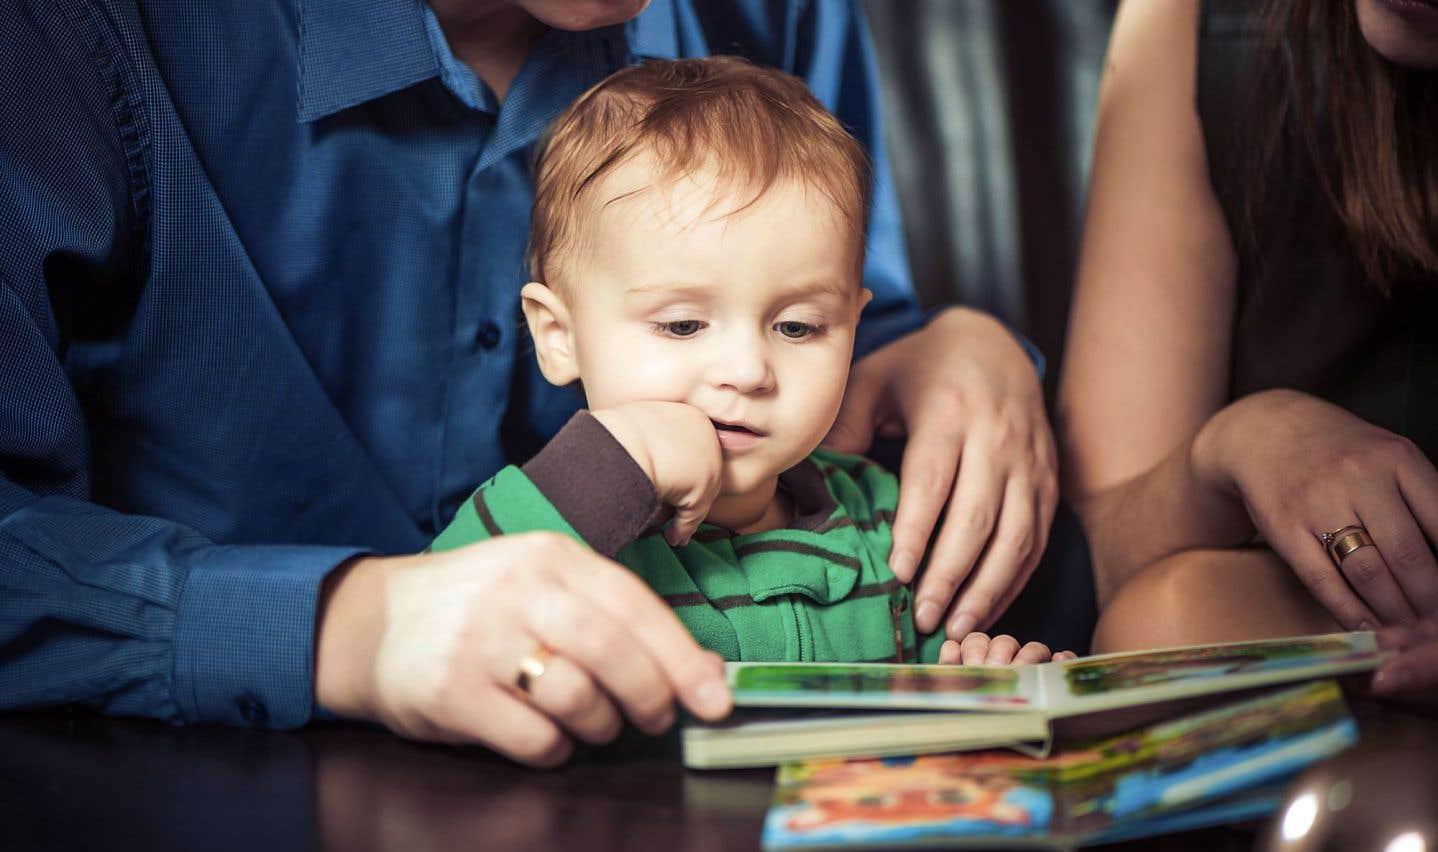 Selon, Catherine Dolto, les bébés accompagnés ont un autre développement. Ils ont un autre tonus. Ils sont plus présents, plus éveillés, plus calmes.